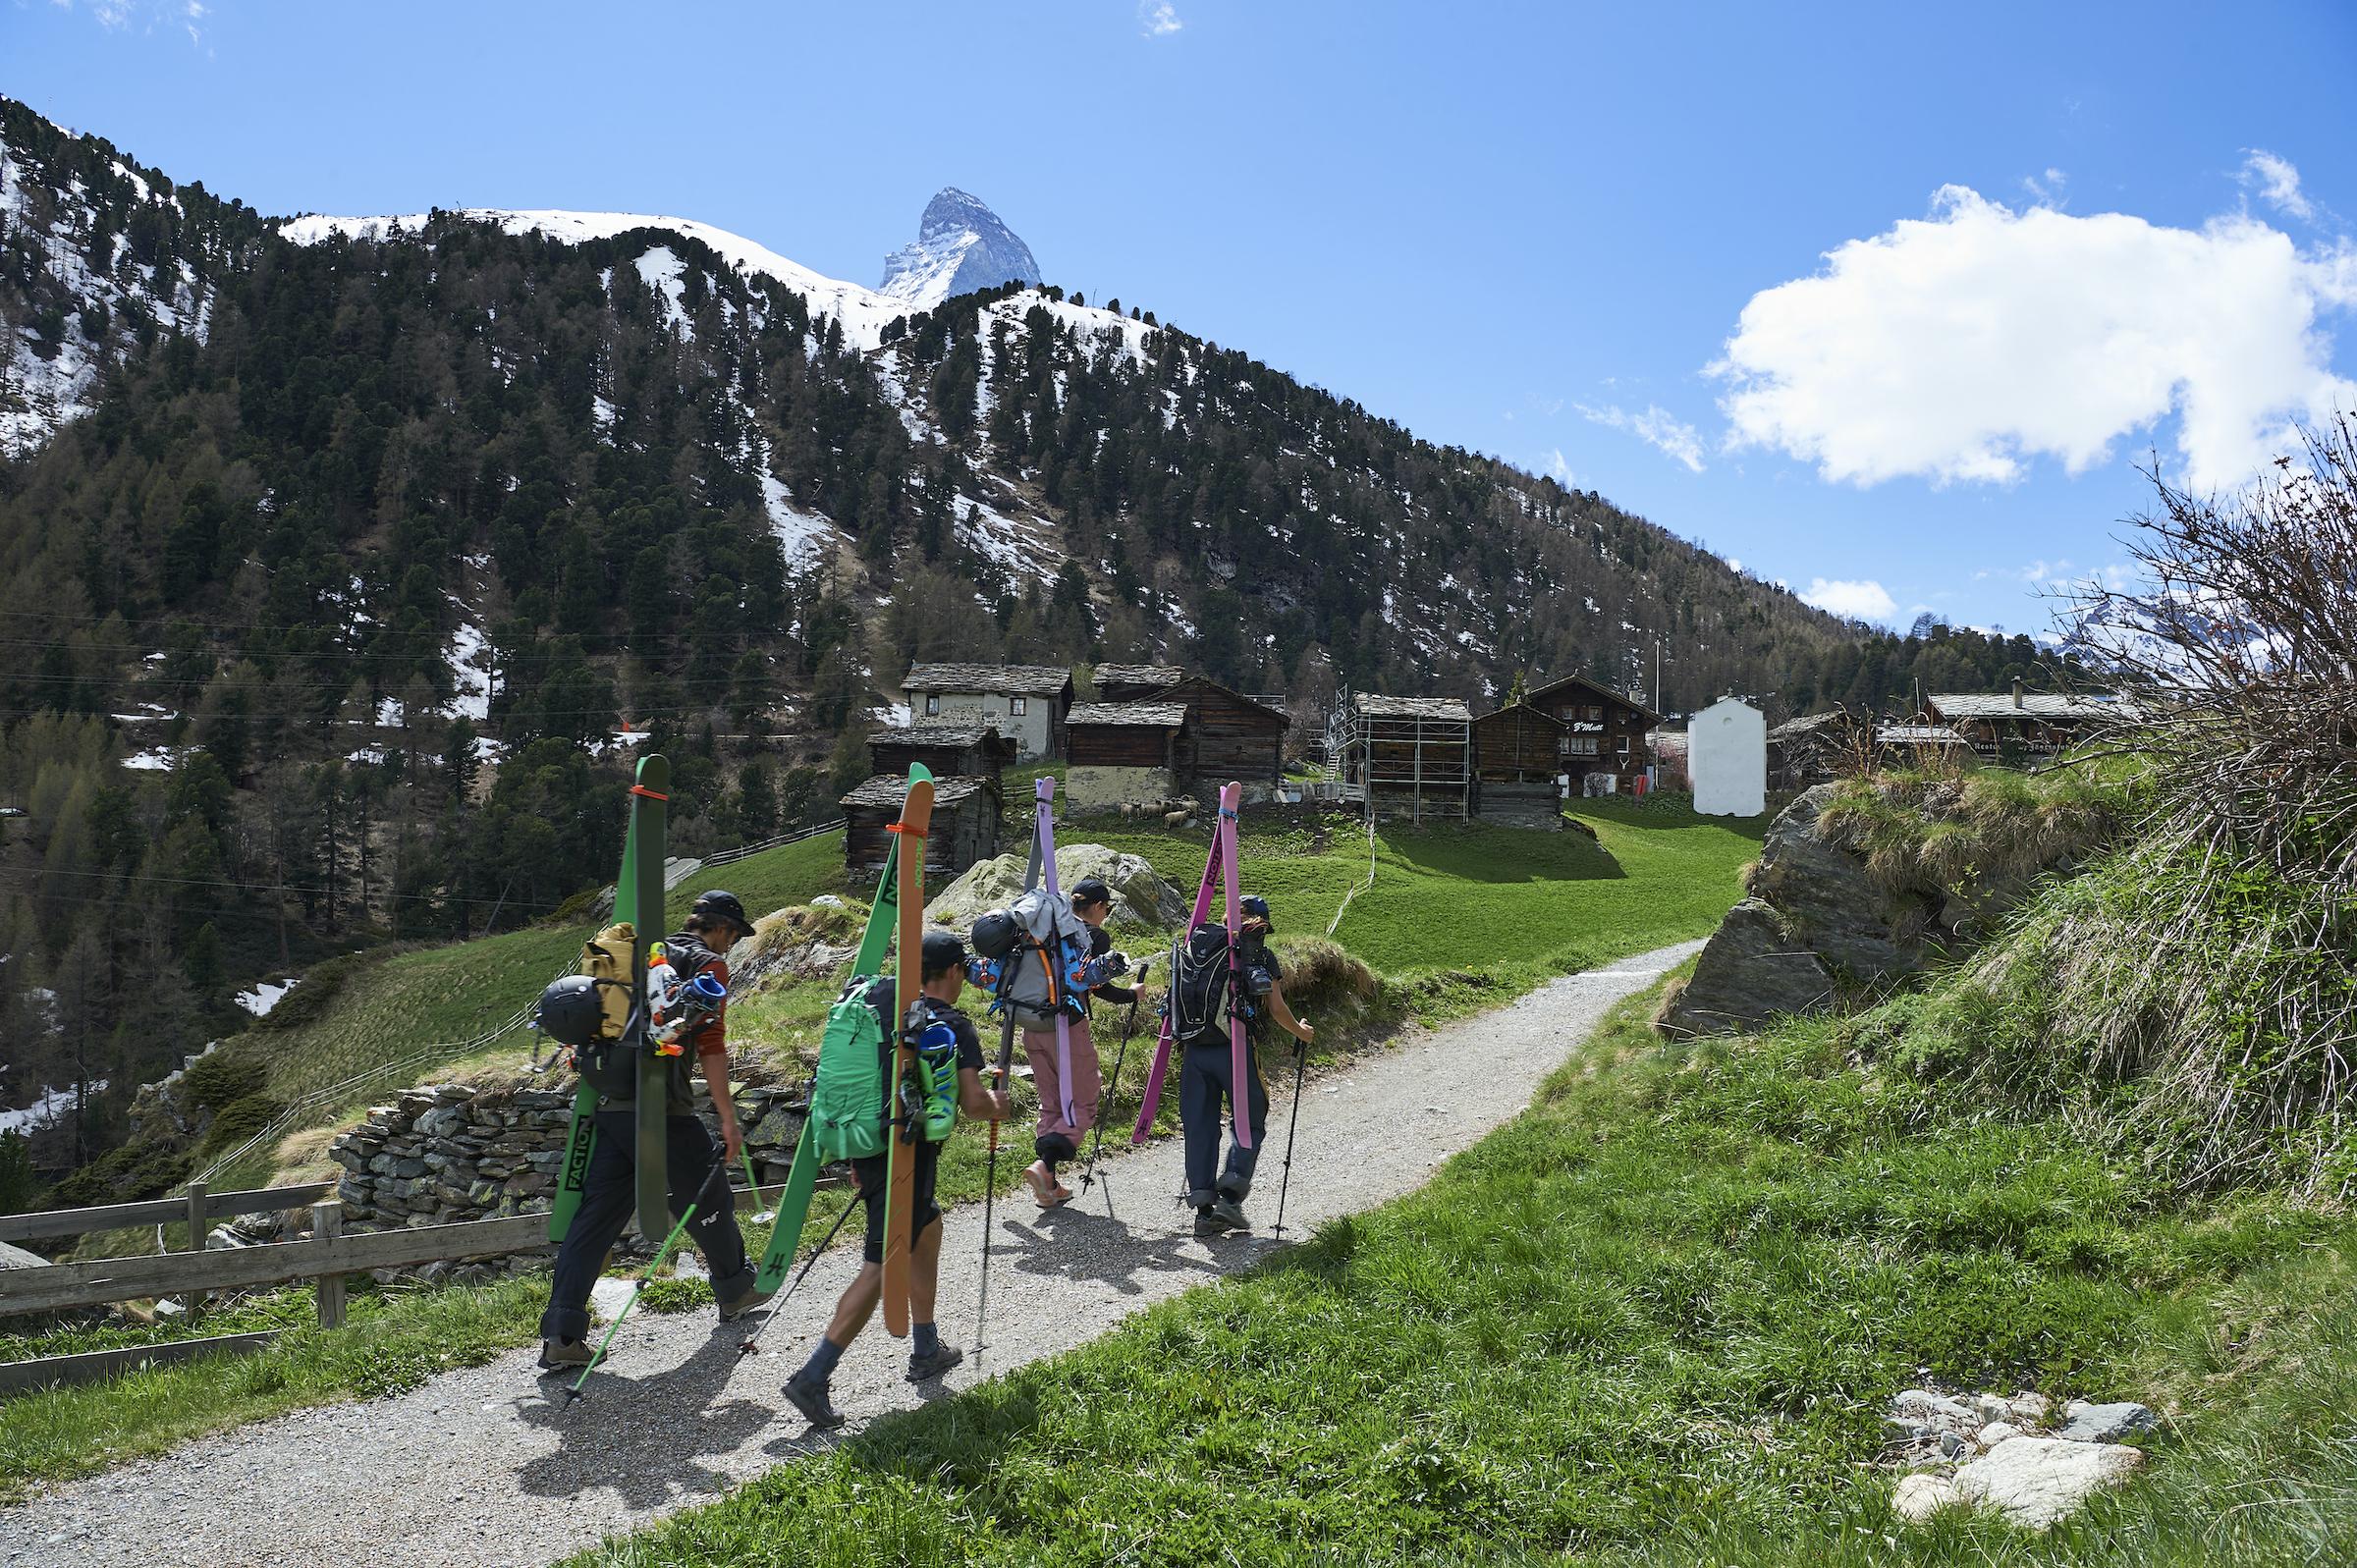 Faction skis skiers verbier film